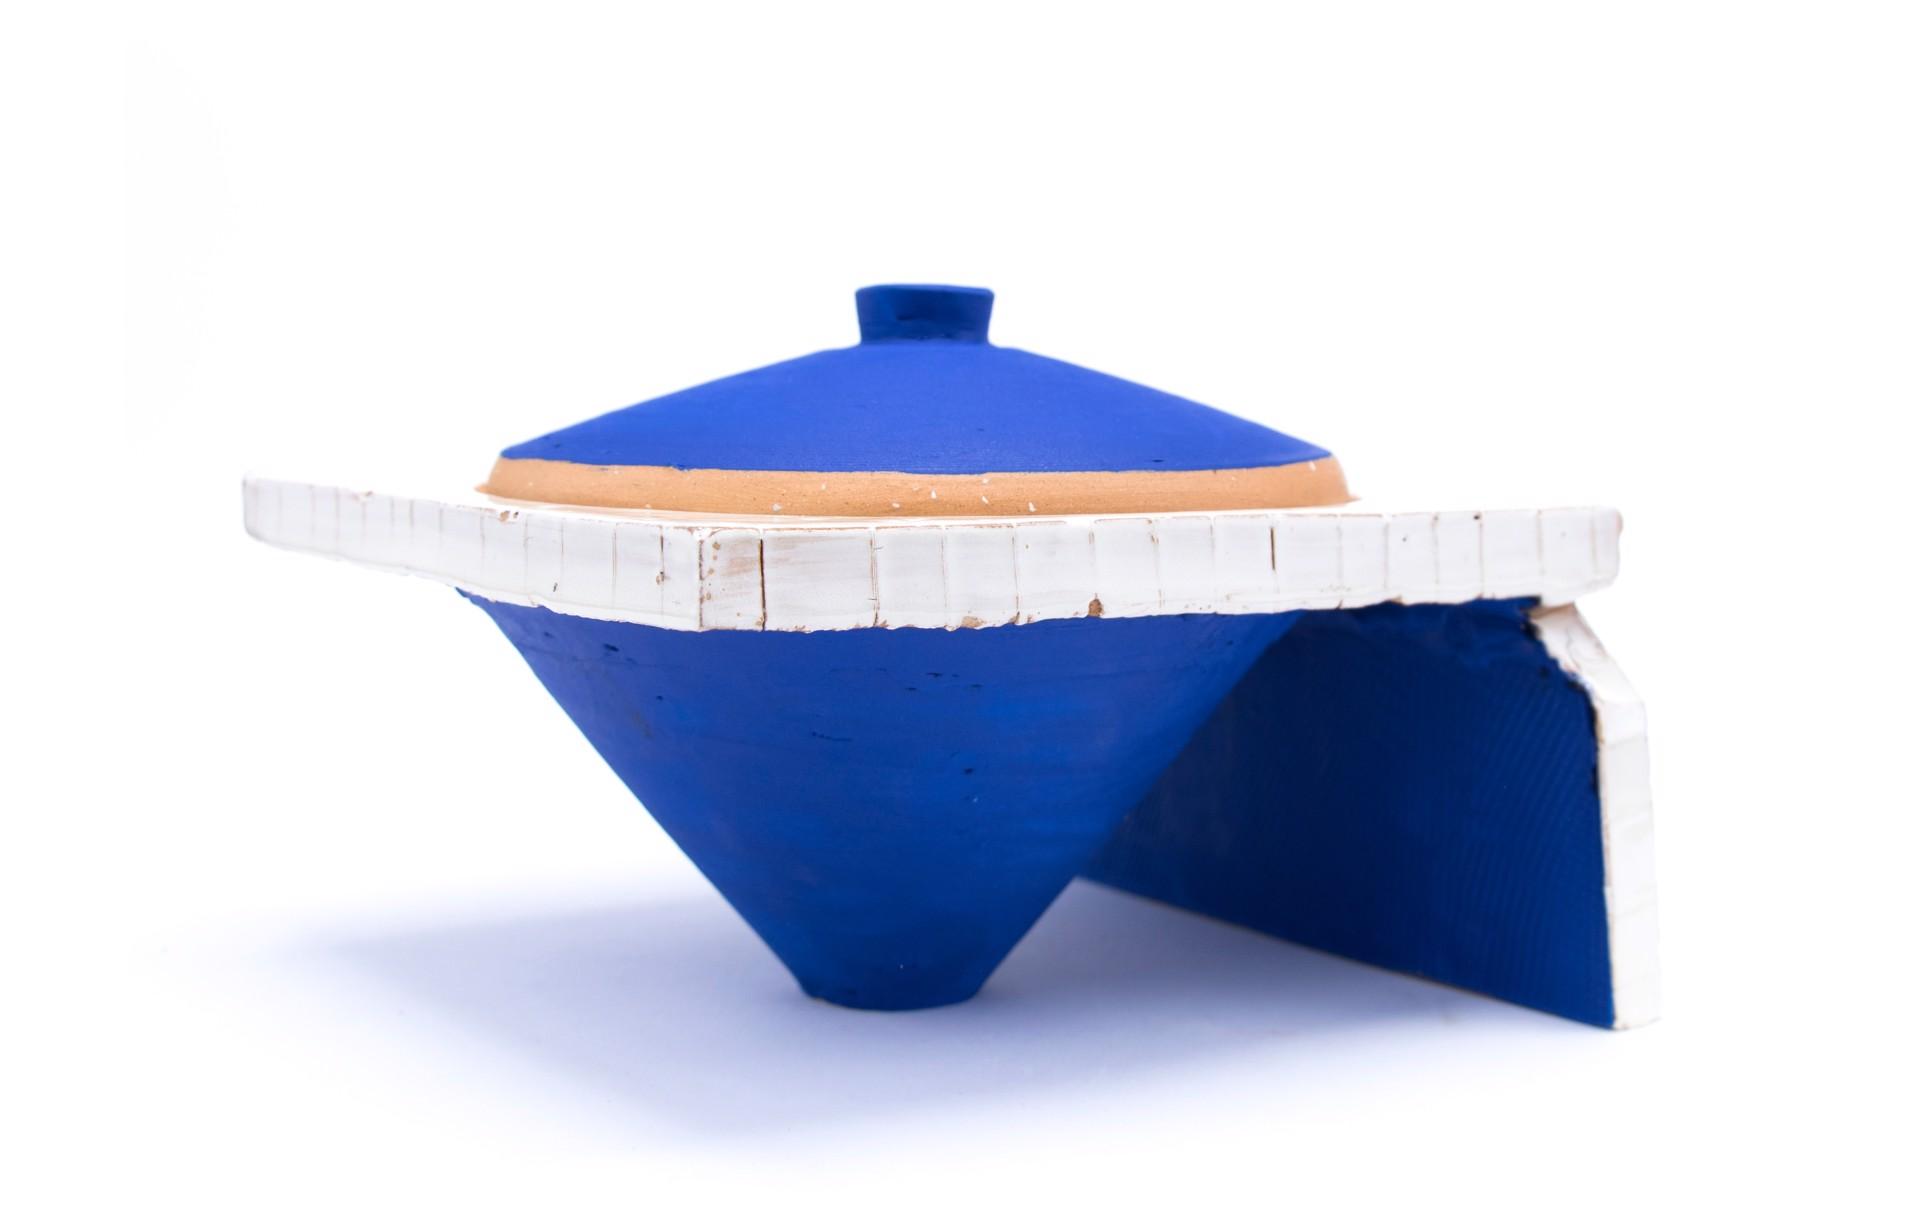 Lidded Jar (7) by Zak Helenske